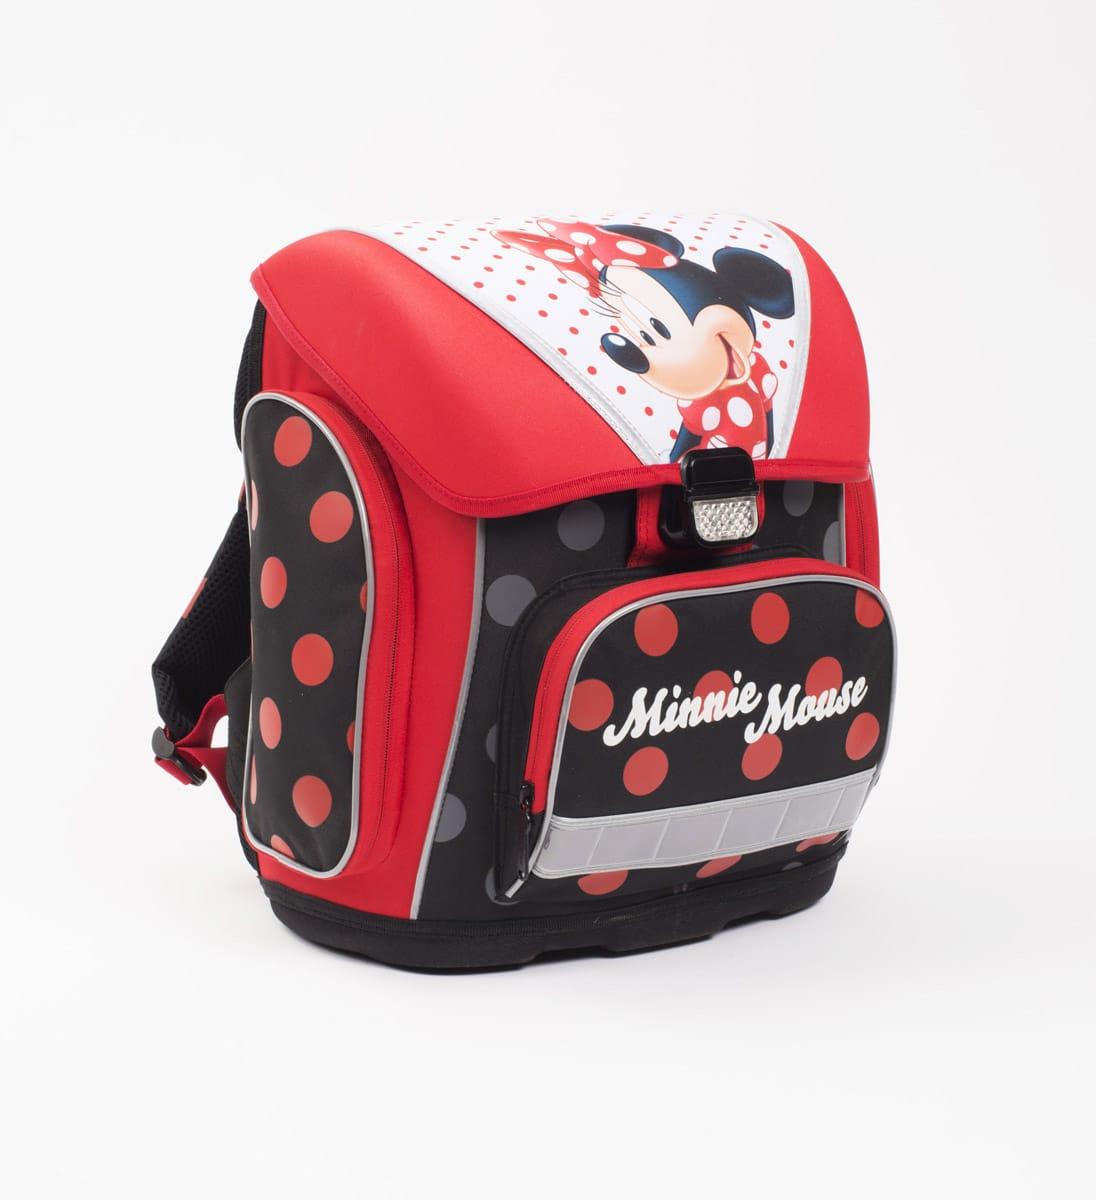 a1183465de6 Anatomical backpack PREMIUM Minnie - Školní potřeby » BATOHY A ...